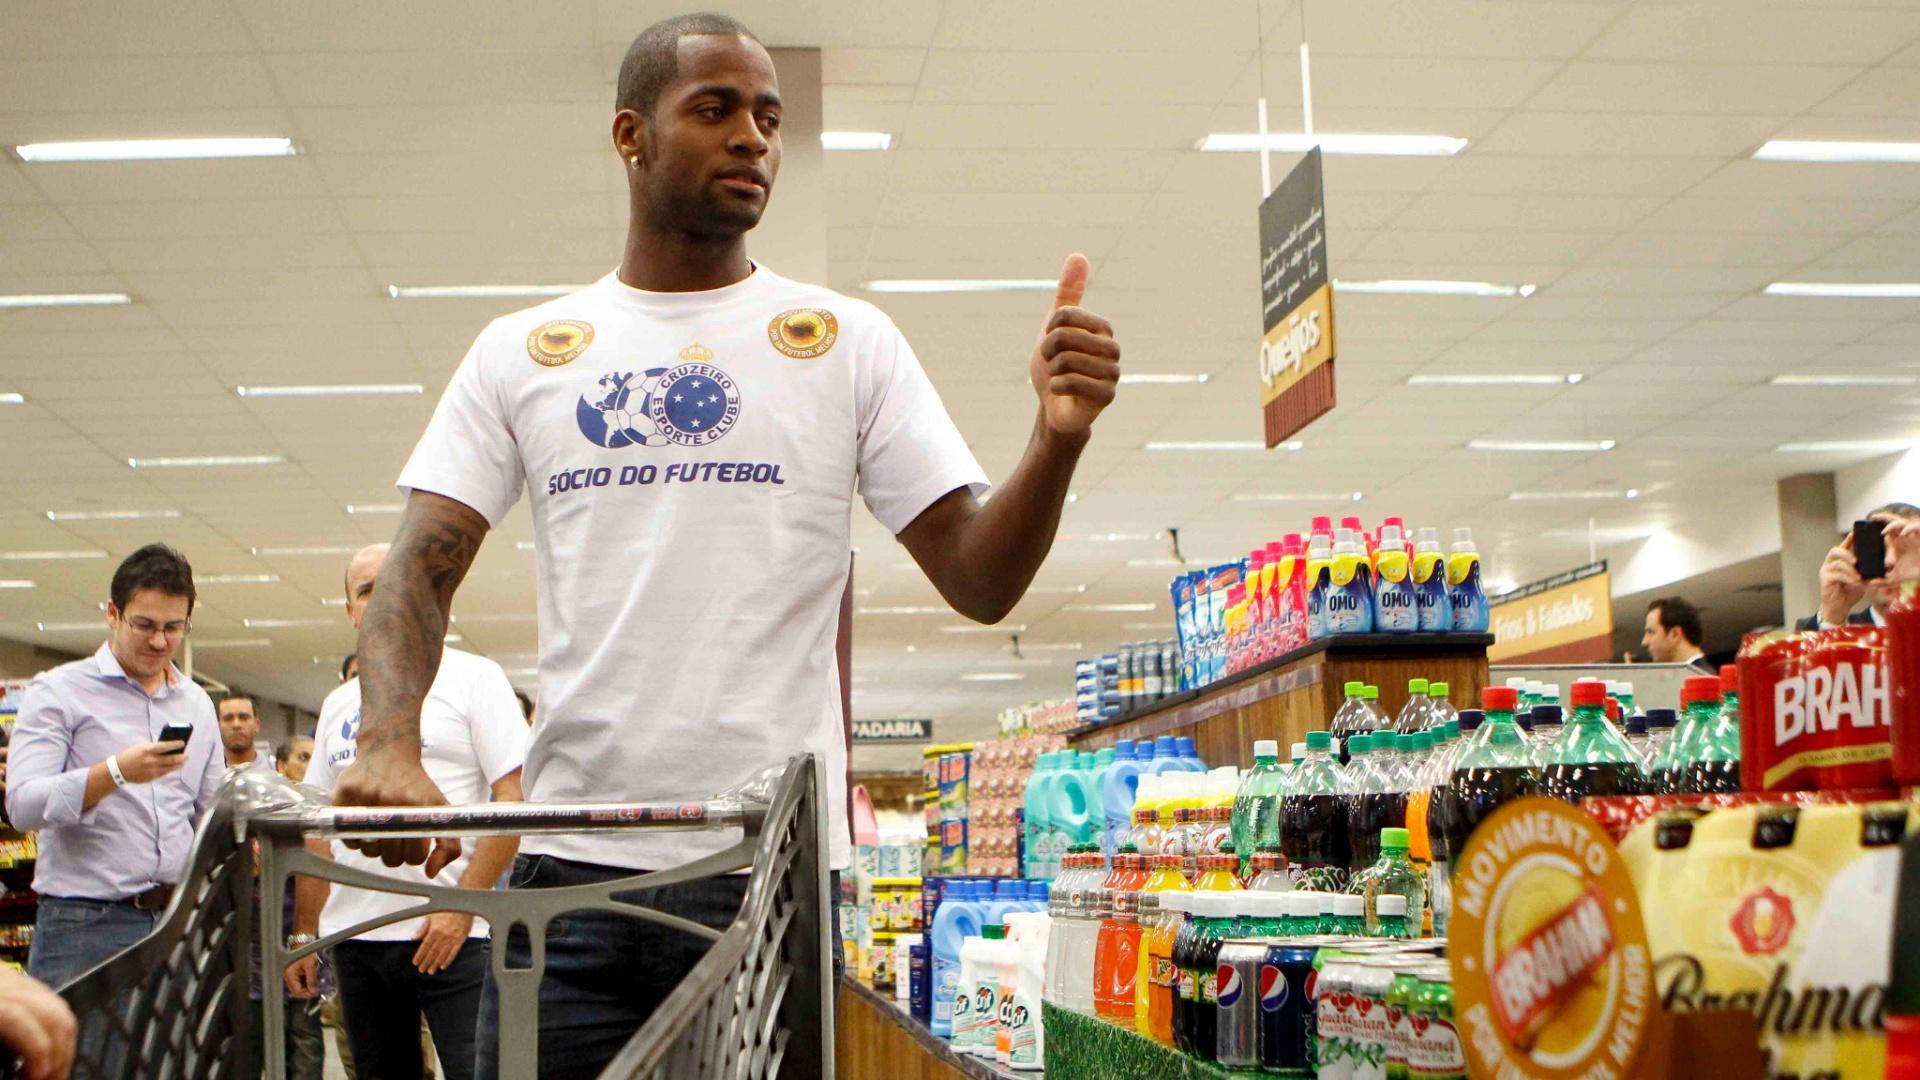 19/04/2013 - Zagueiro Dedé vai às compras em um supermercado durante sua apresentação oficial